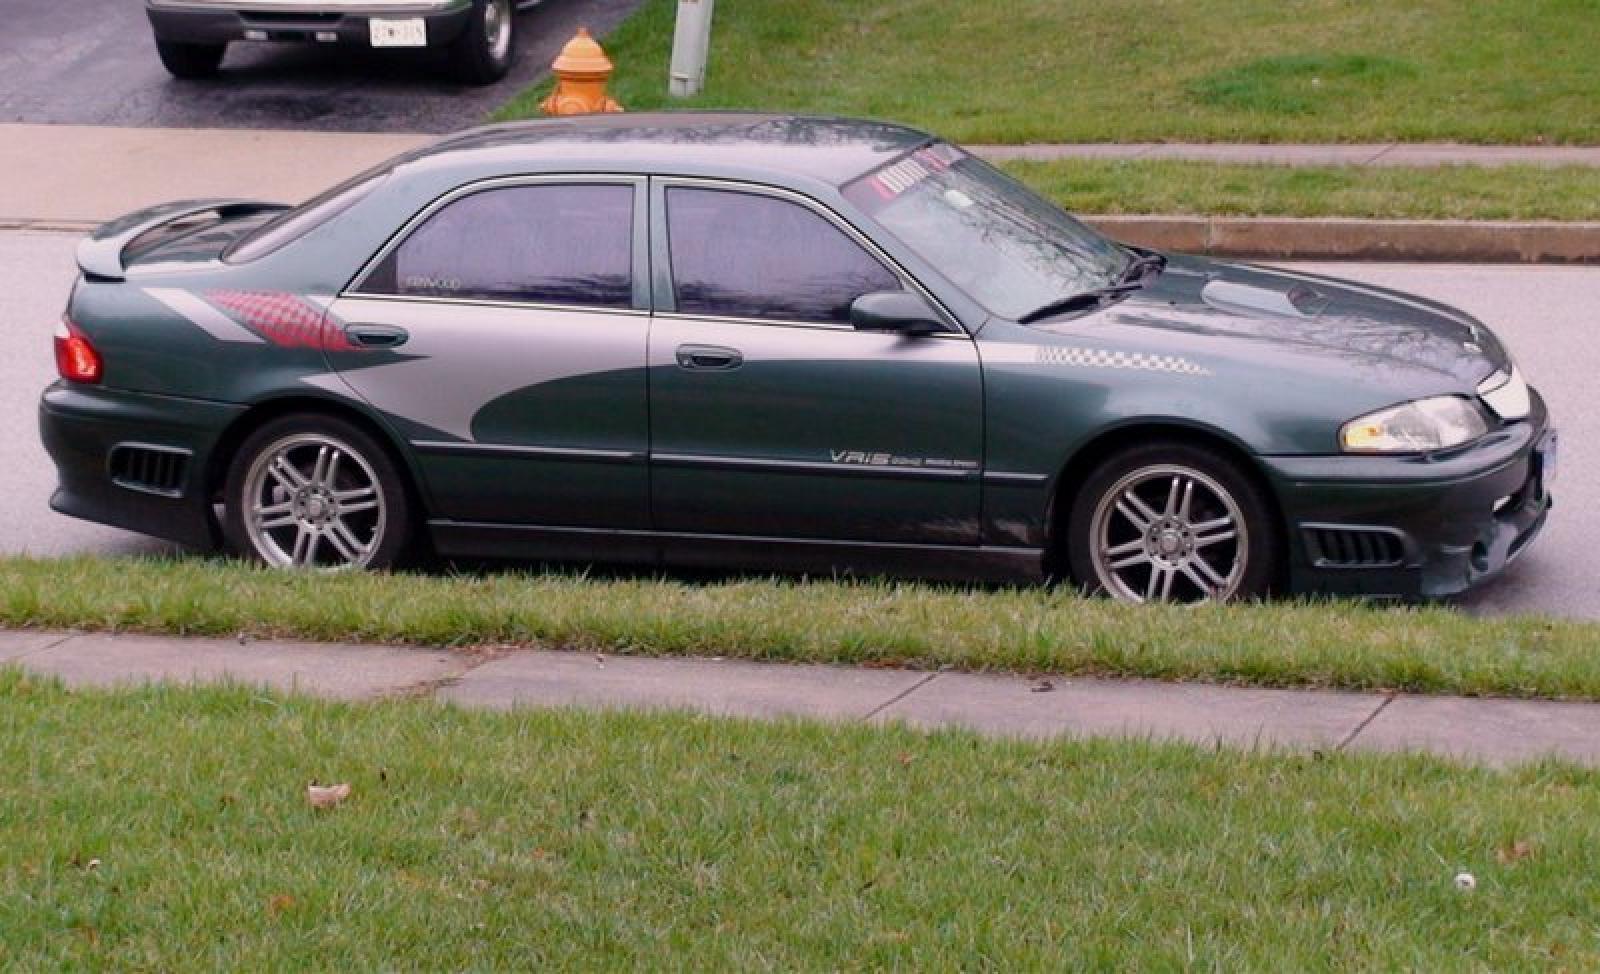 Superior 800 1024 1280 1600 Origin 2000 Mazda 626 ...